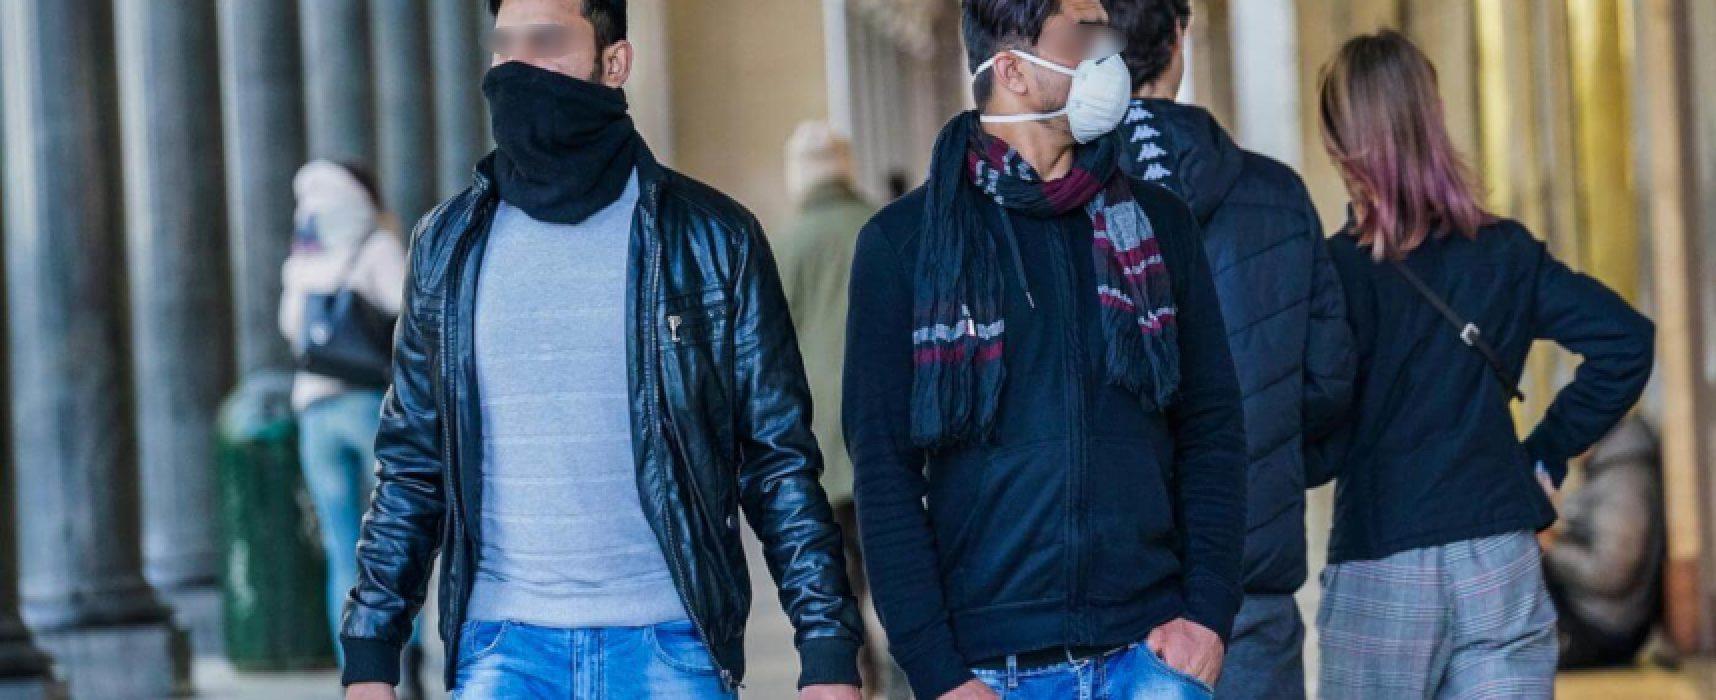 Consiglio dei ministri: Dpcm prorogato, obbligo immediato di indossare mascherine all'aperto